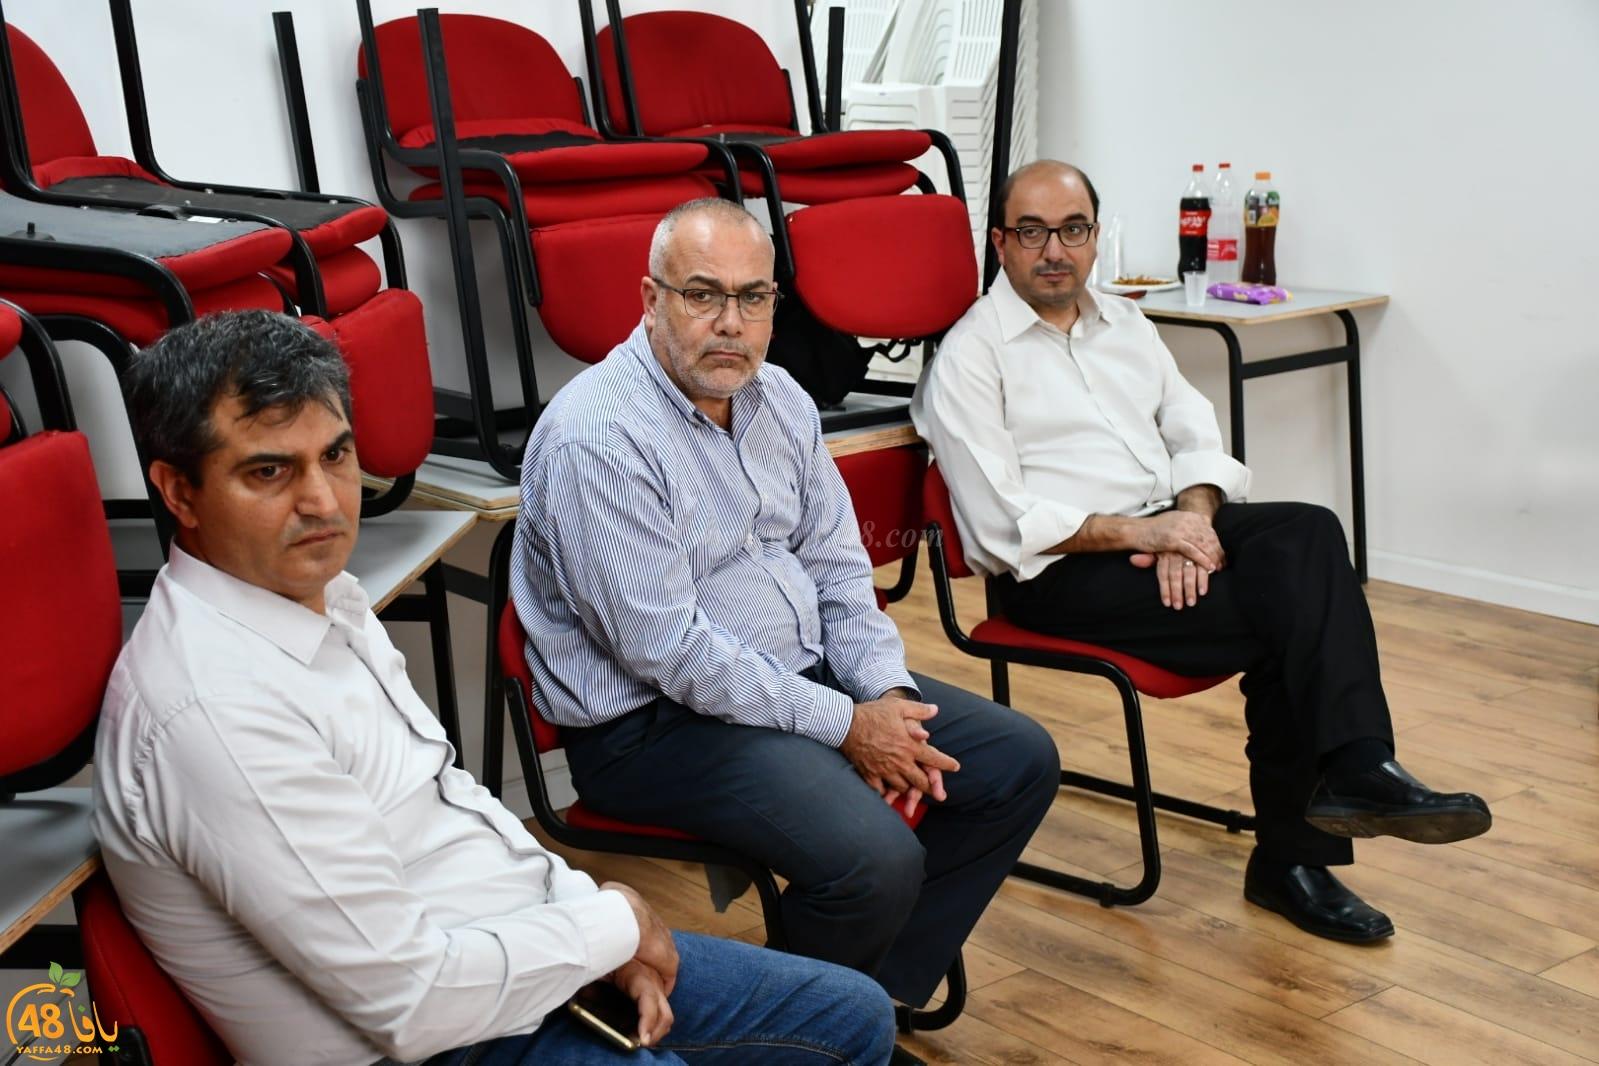 المؤسسات اليافية تحمل رسالة اعتذار من أهالي يافا الى سلطة الاطفائية